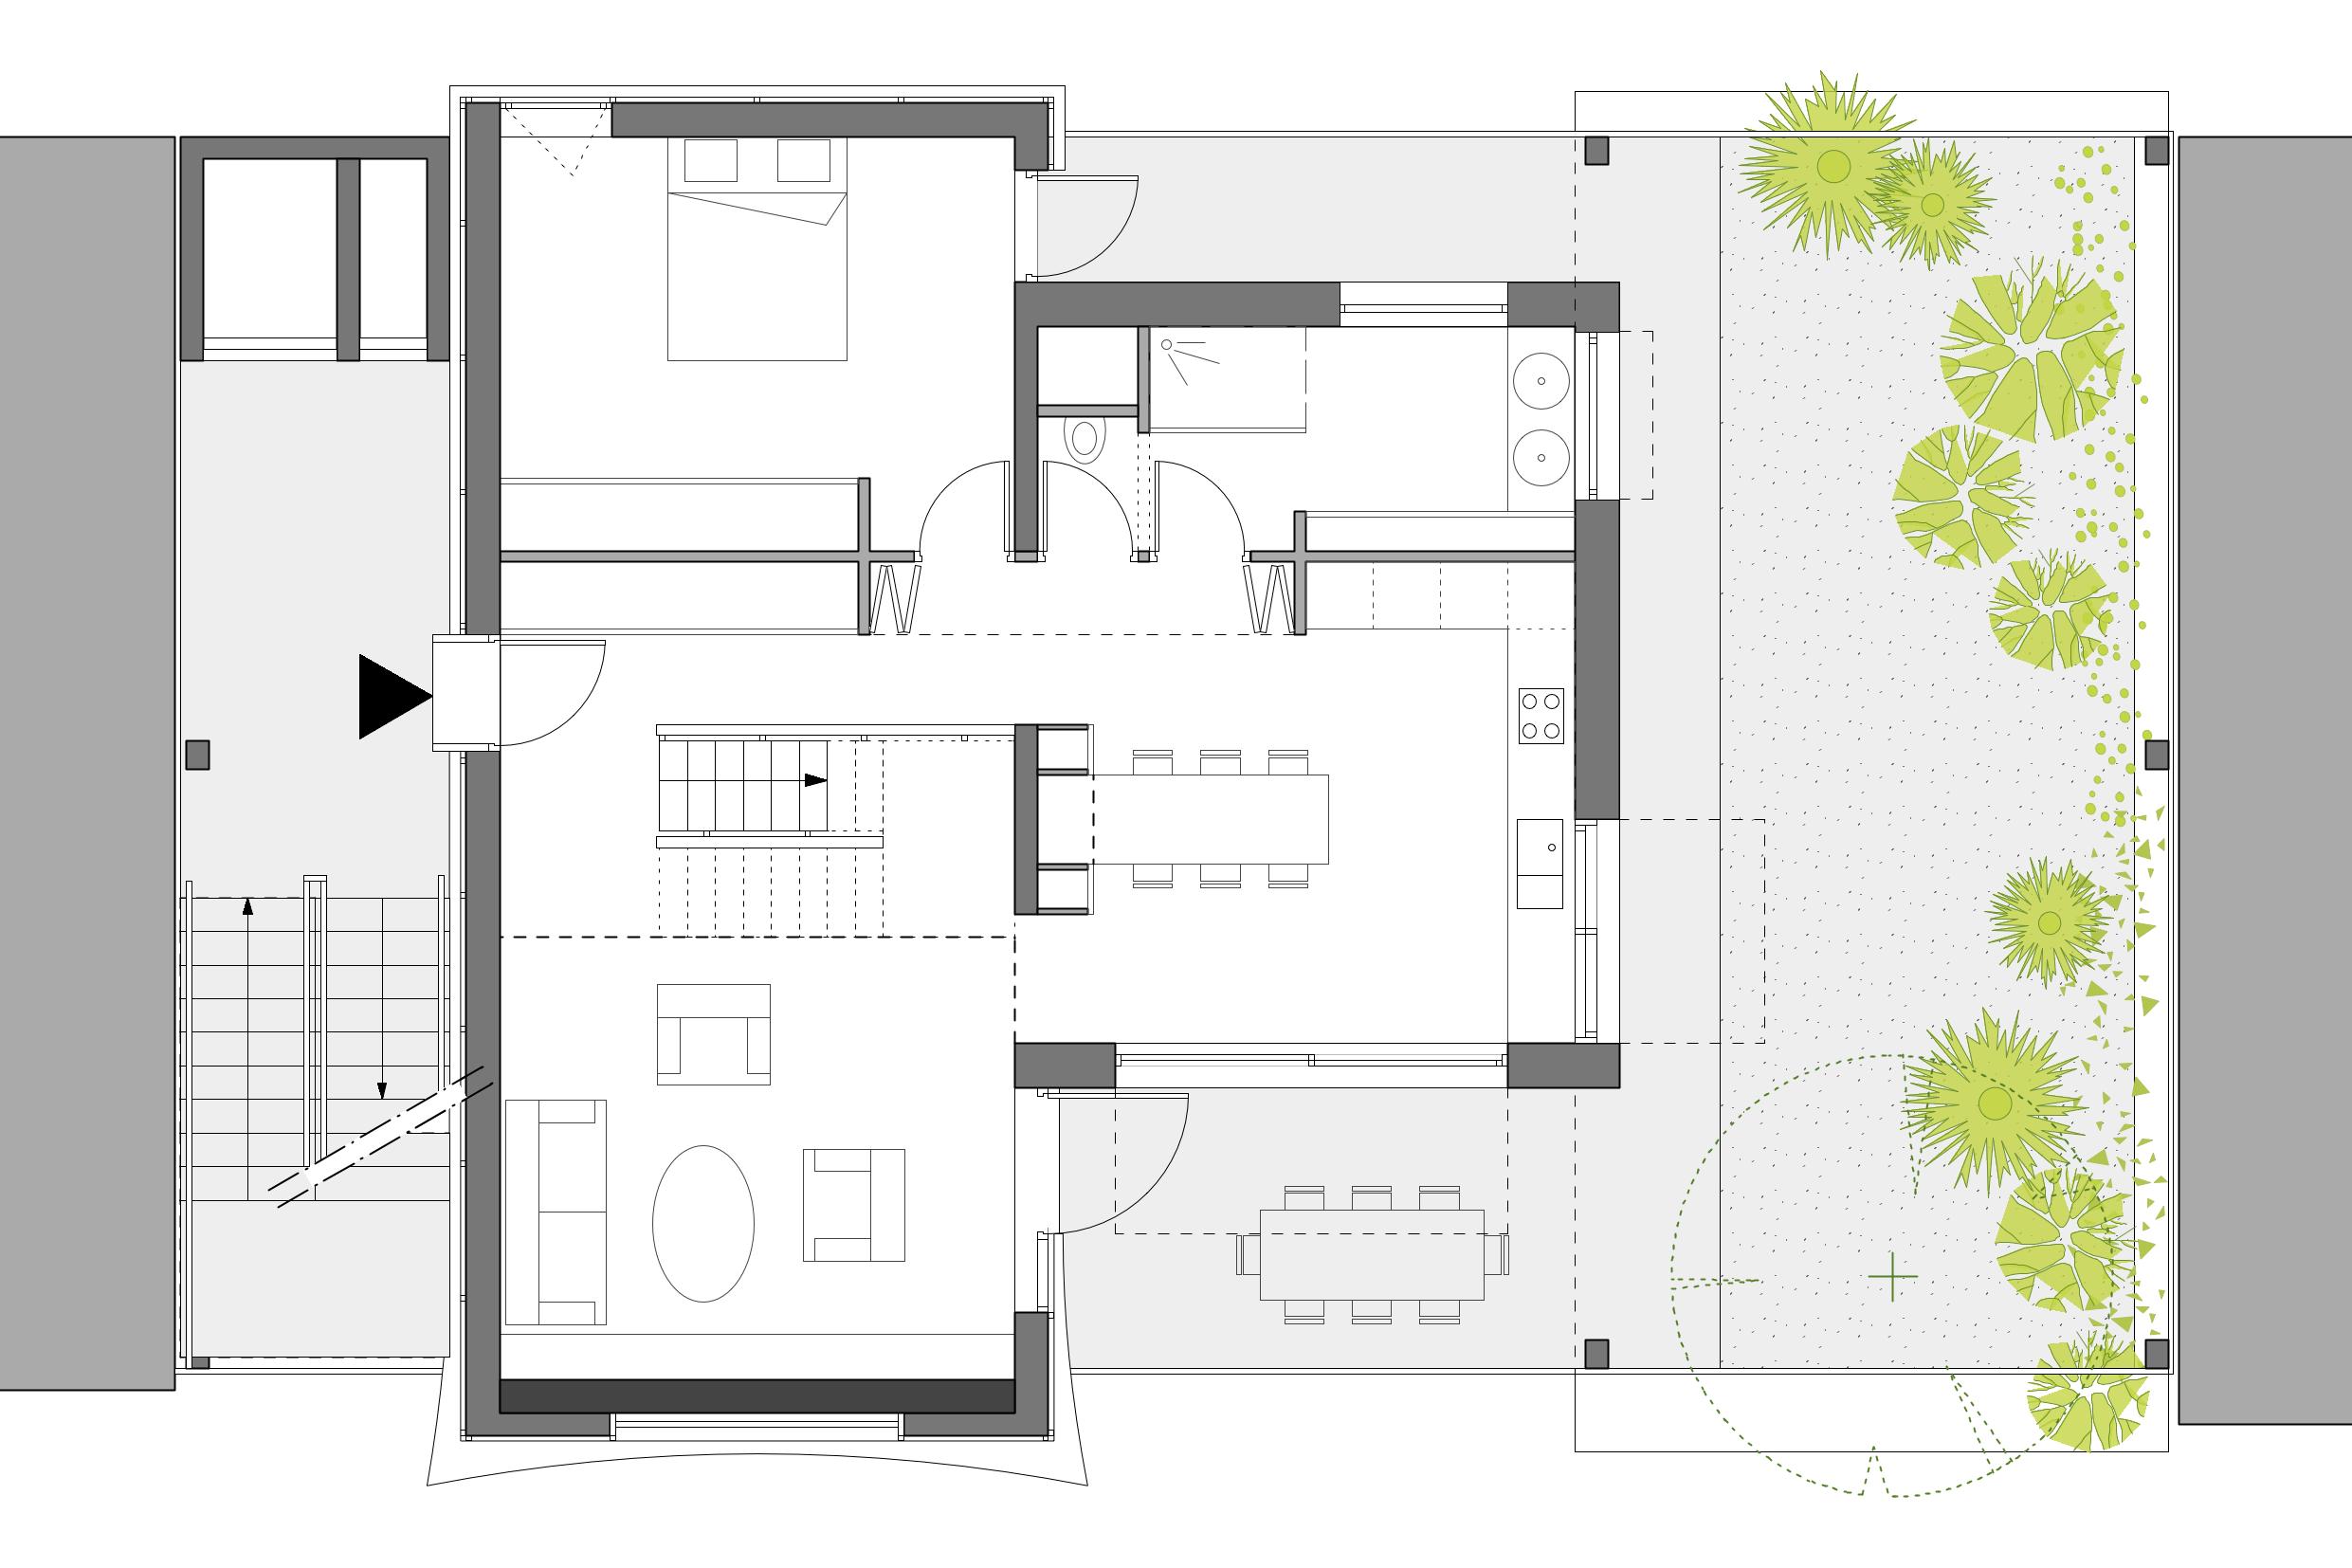 christophe-benichou-architectures-impasse-ciel-lotissement-vertical-15